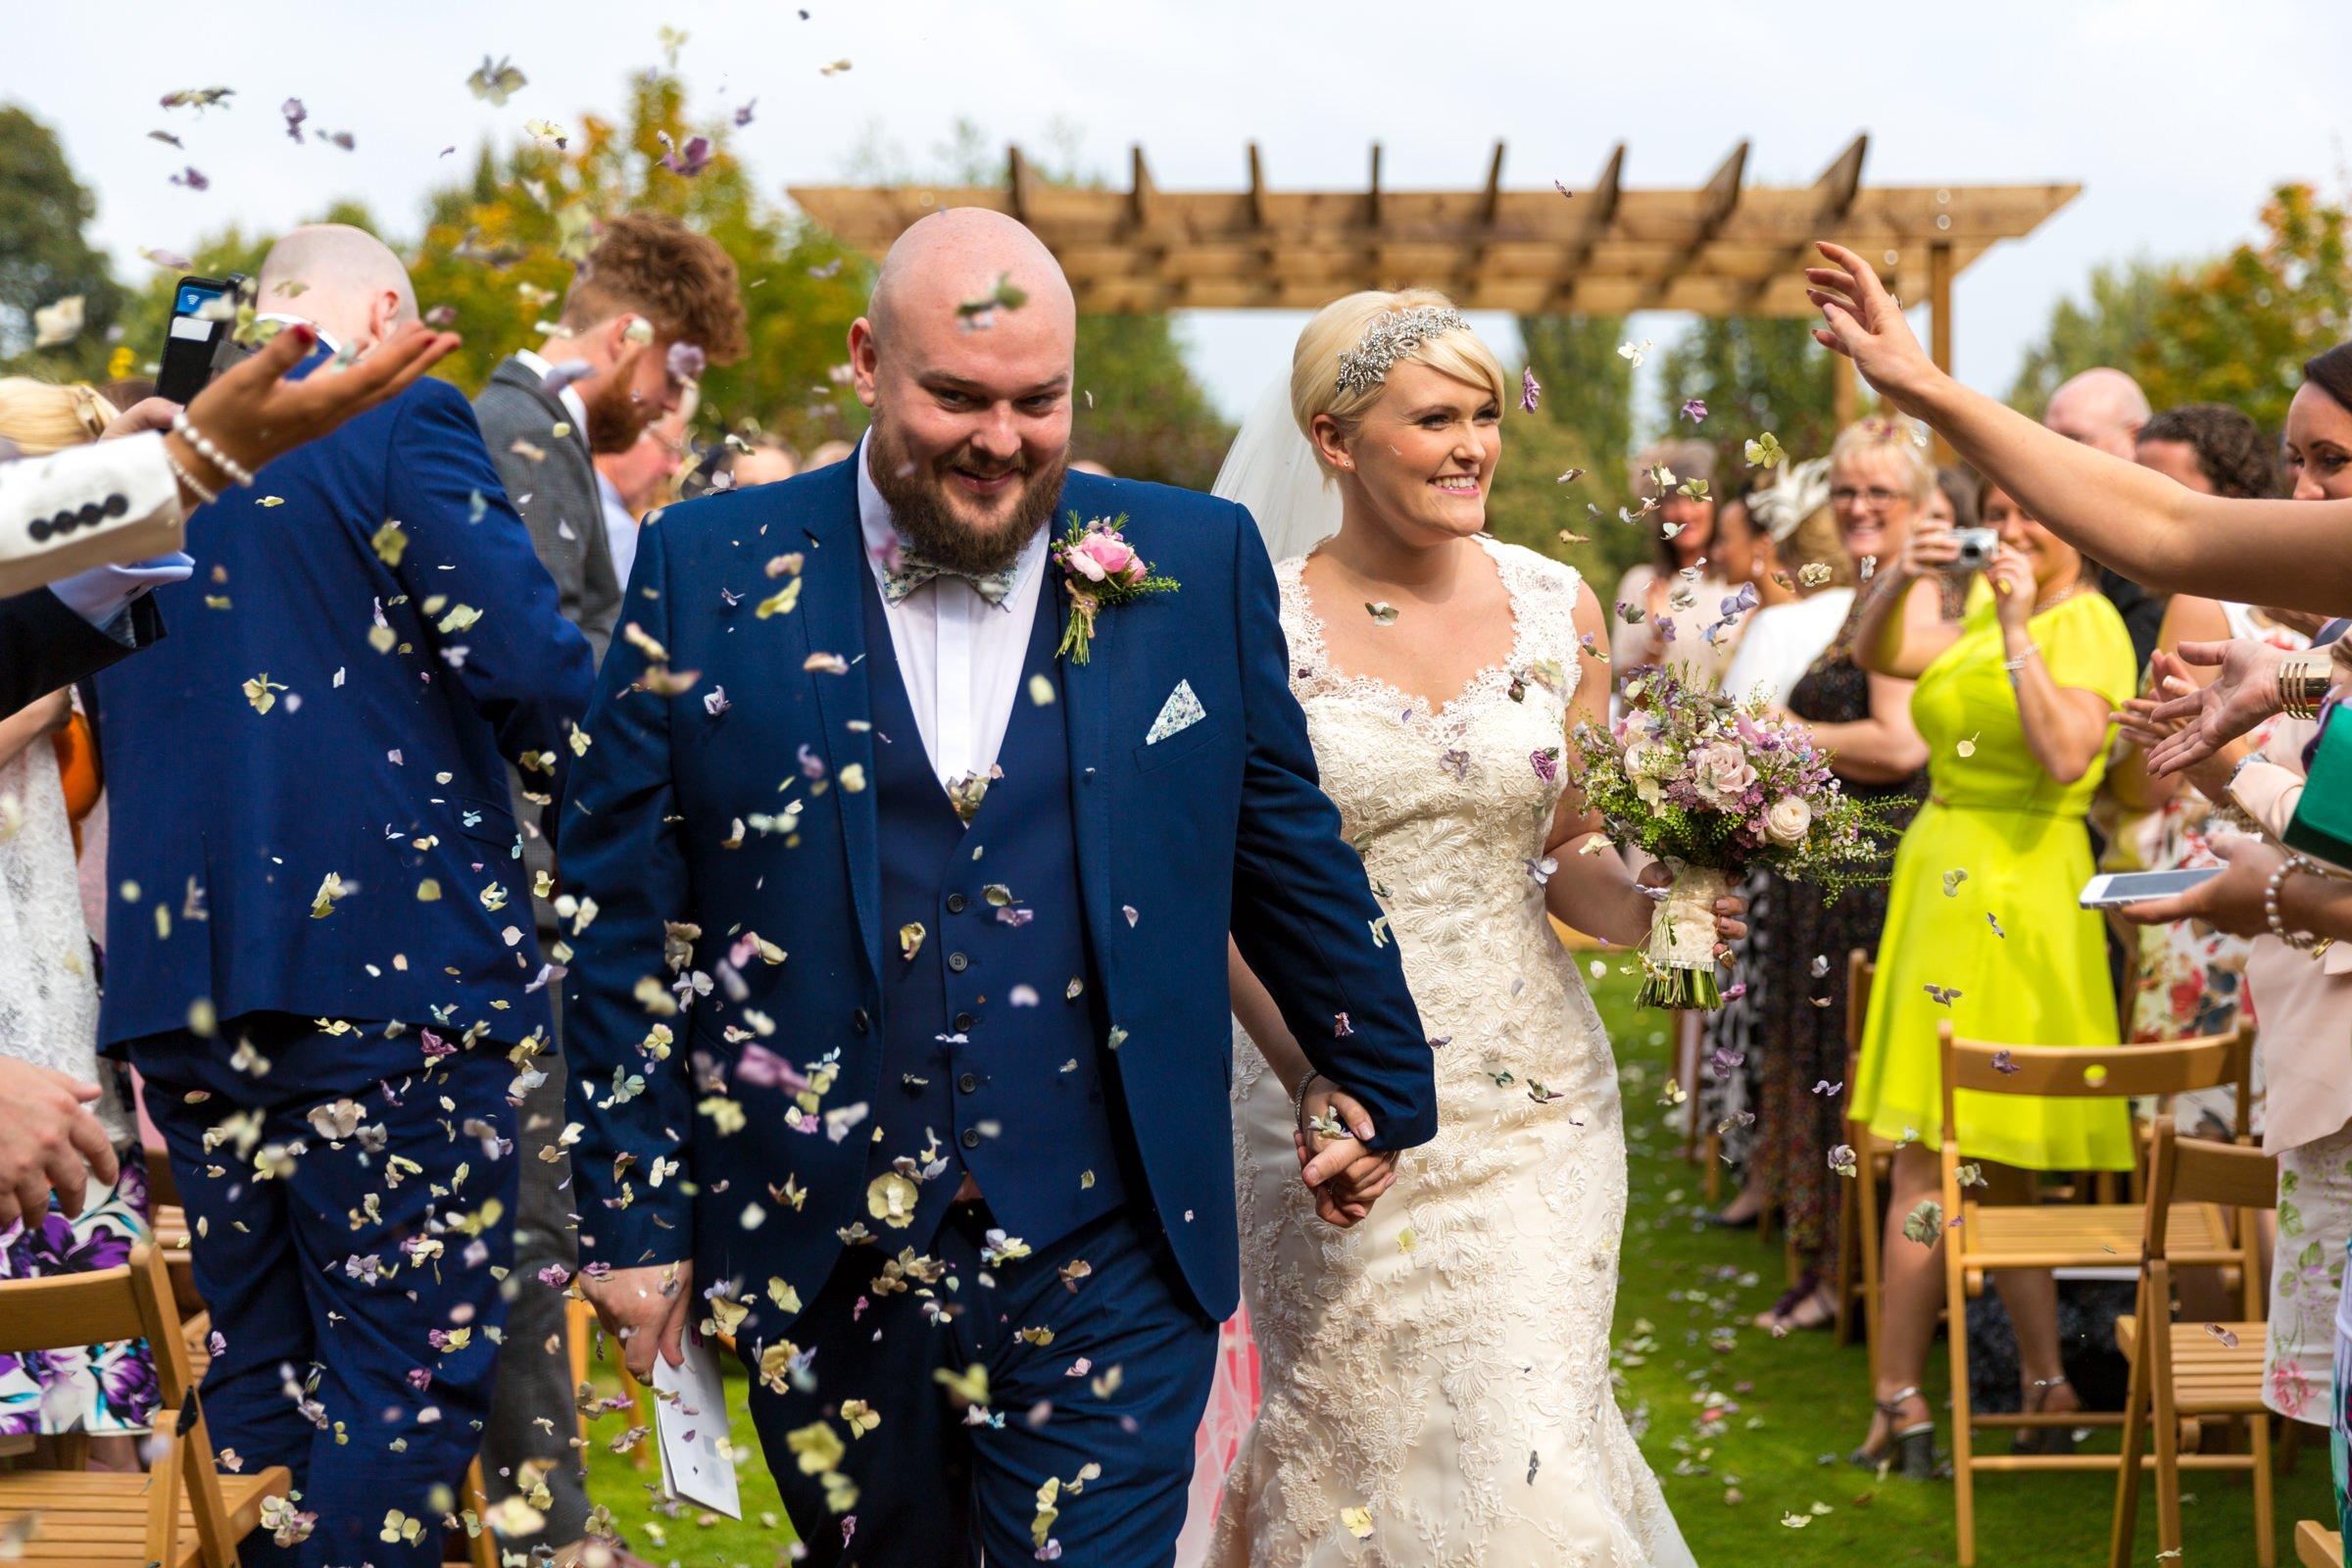 Colourful confetti wedding photo